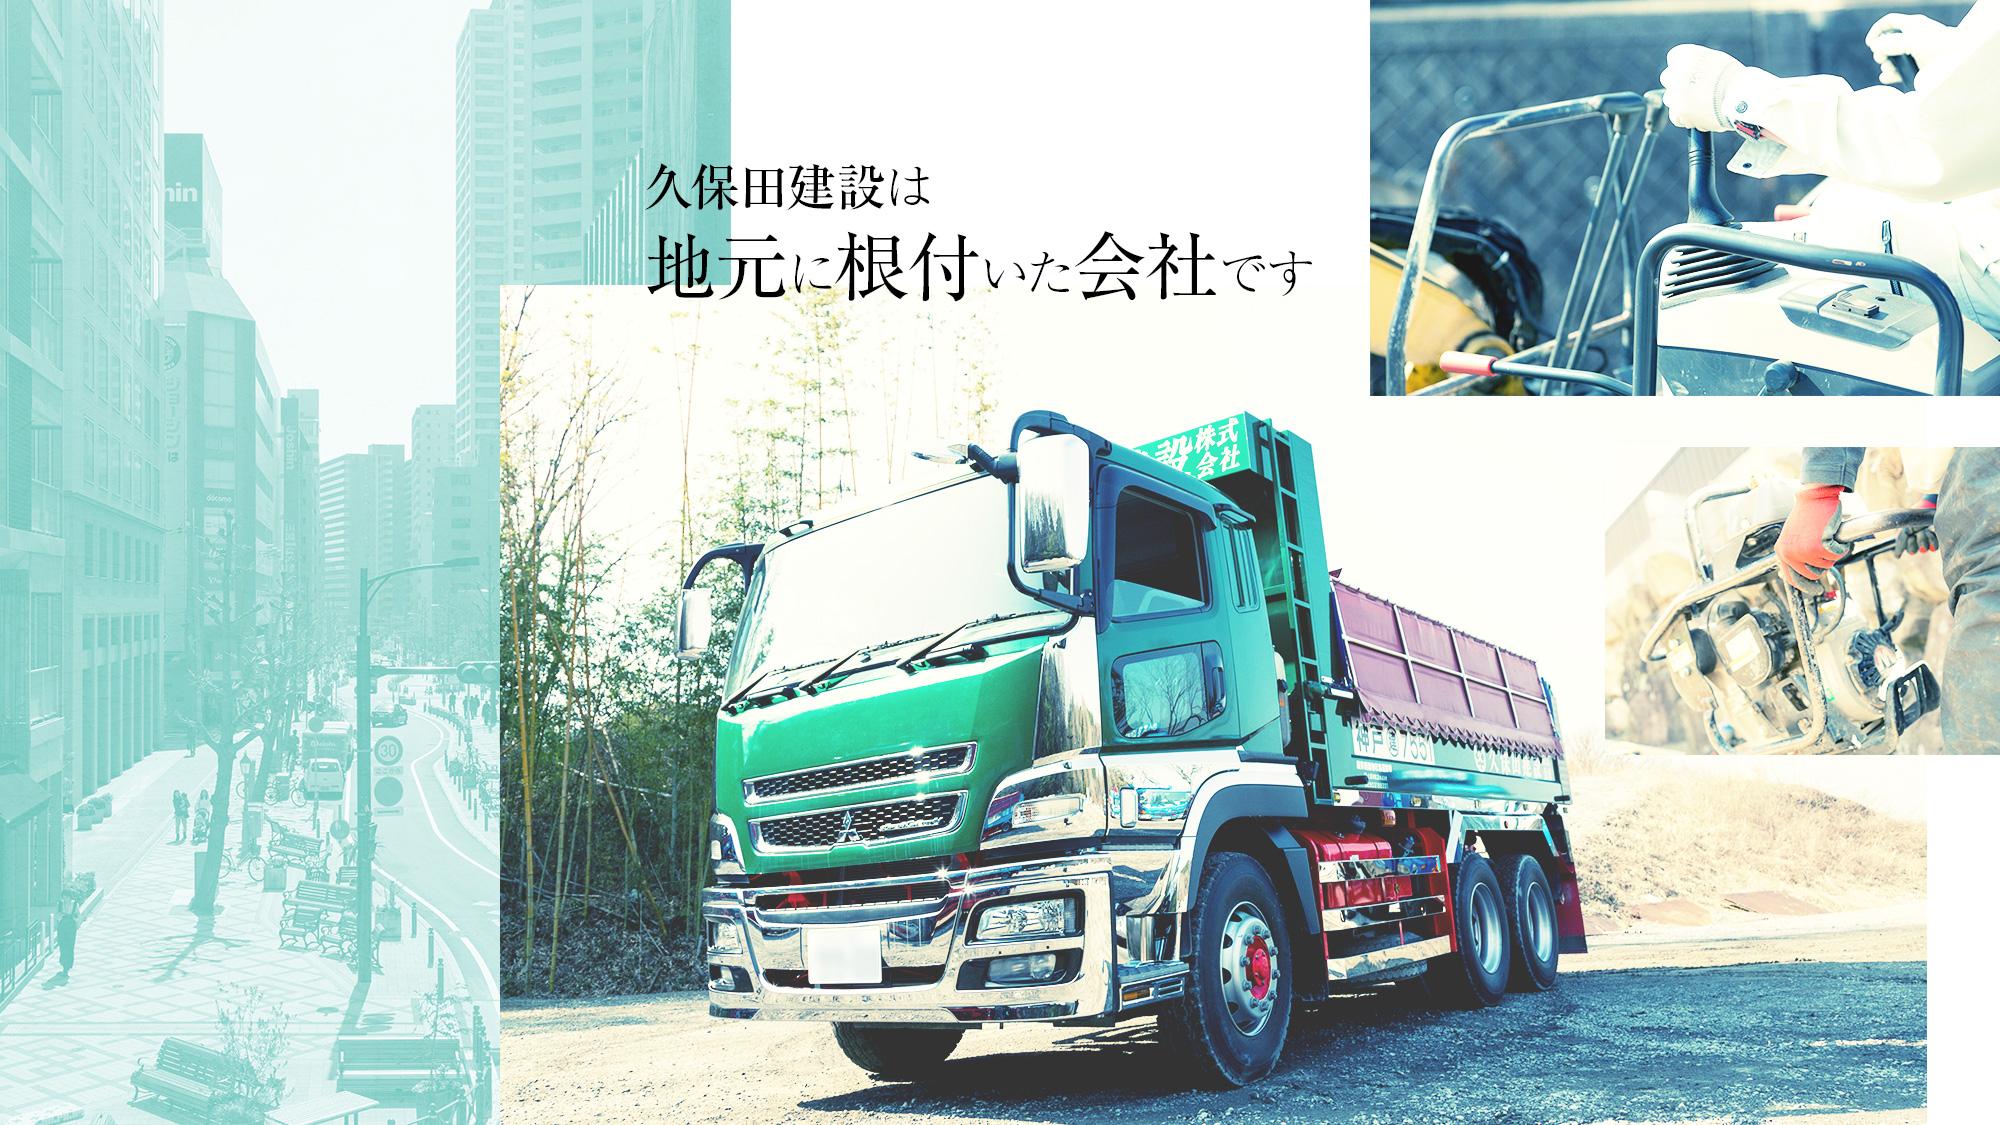 久保田建設は 地元に根付いた会社です